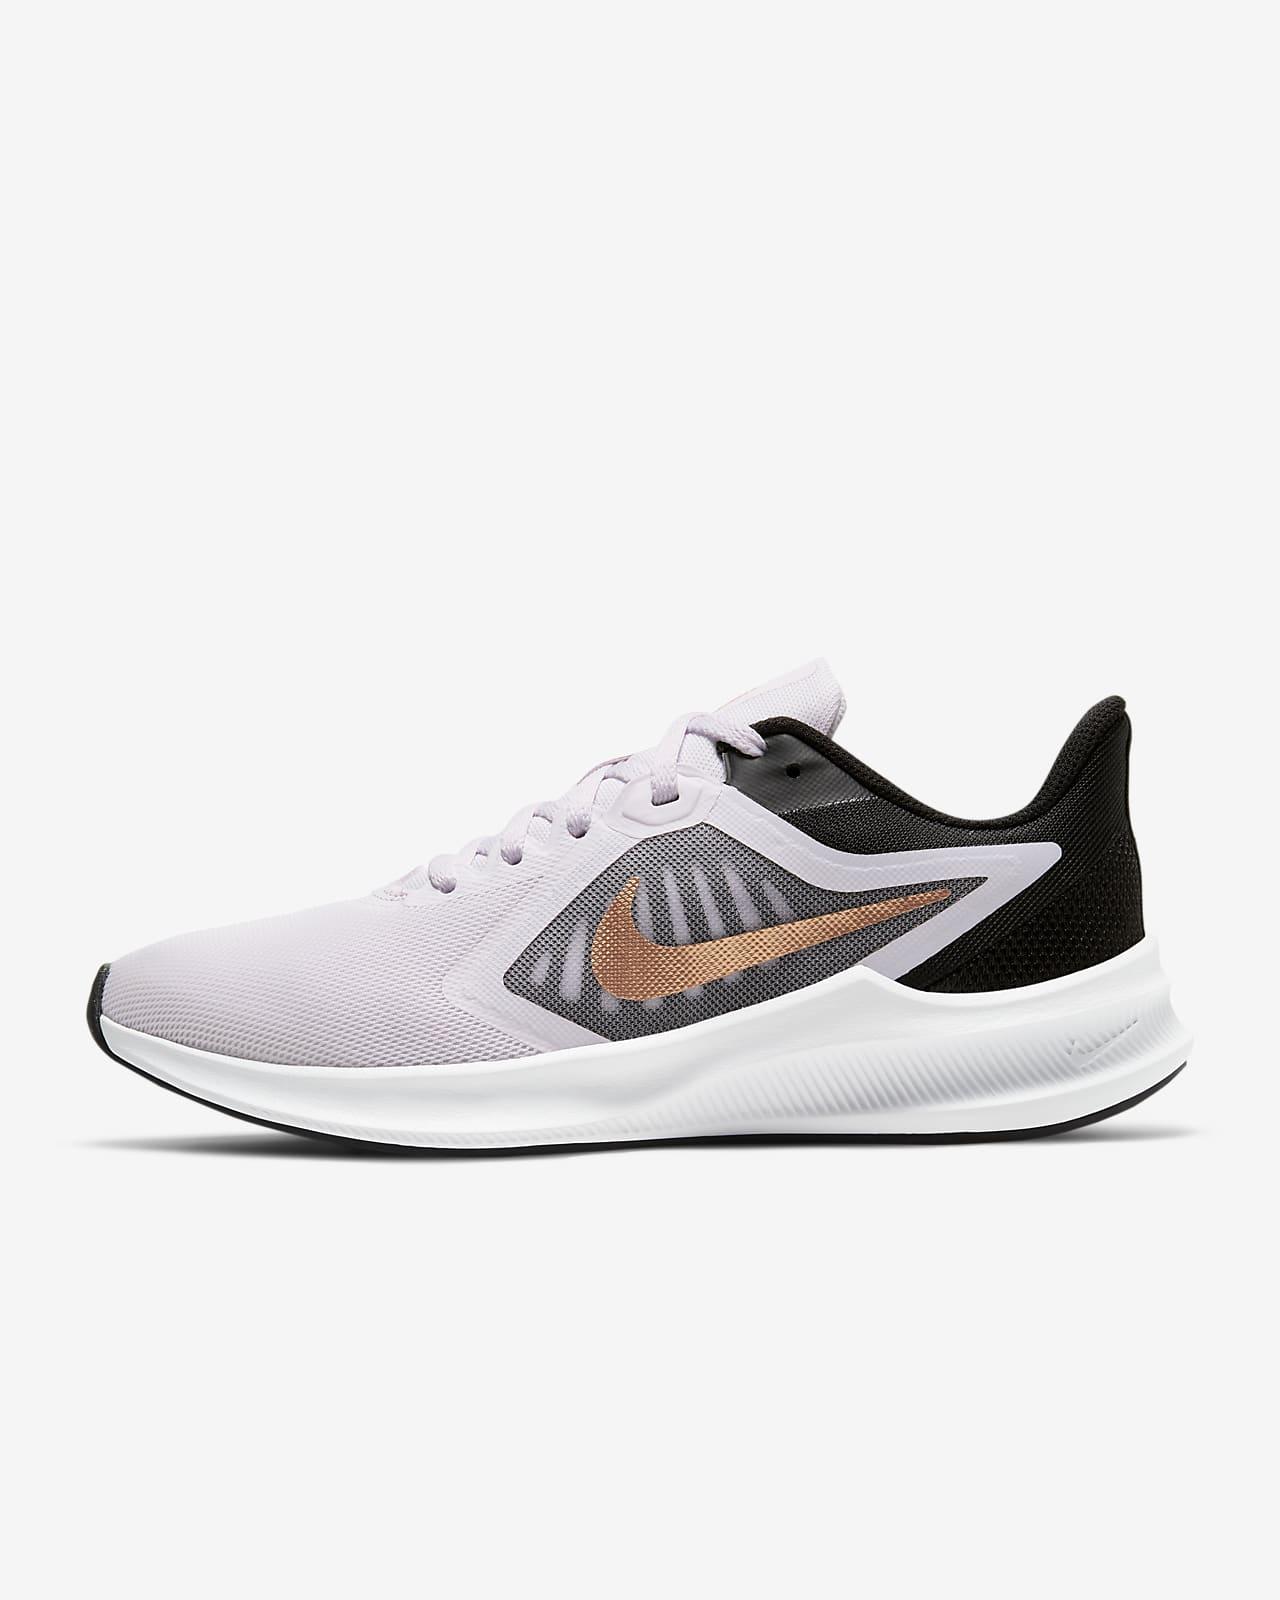 รองเท้าวิ่งผู้หญิง Nike Downshifter 10